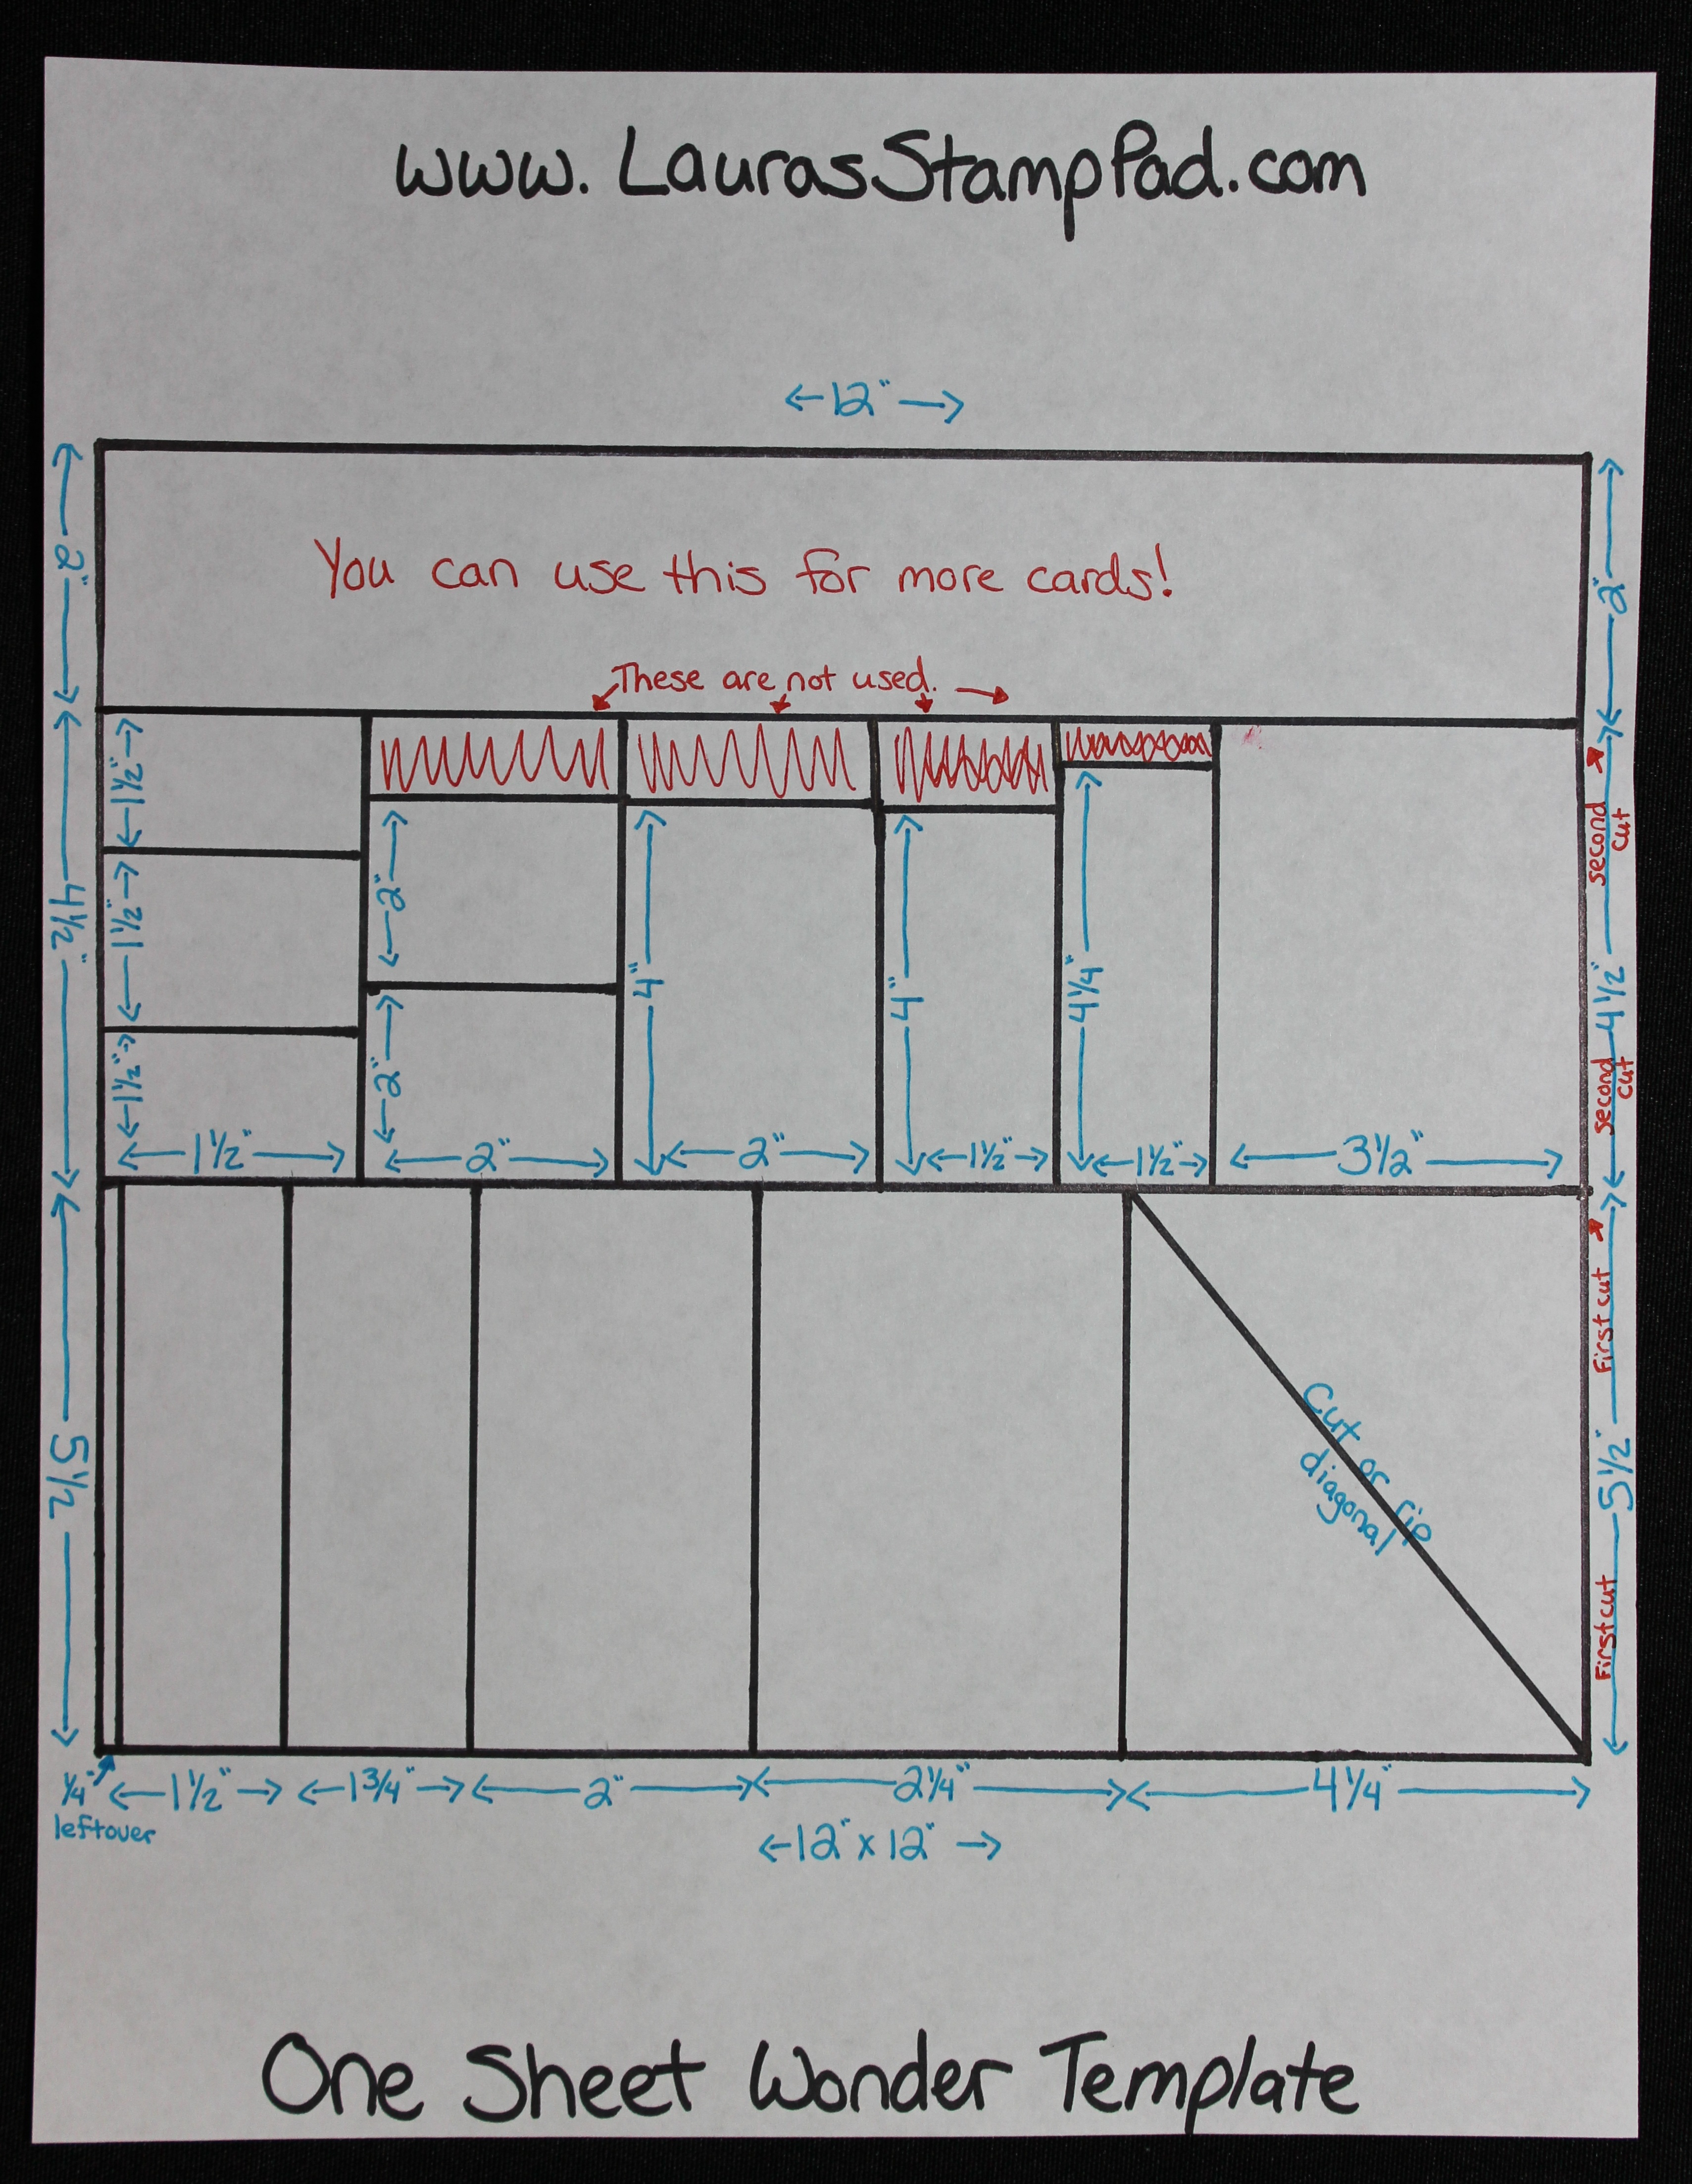 One Sheet Wonder Template 12x12, www.LaurasStampPad.com